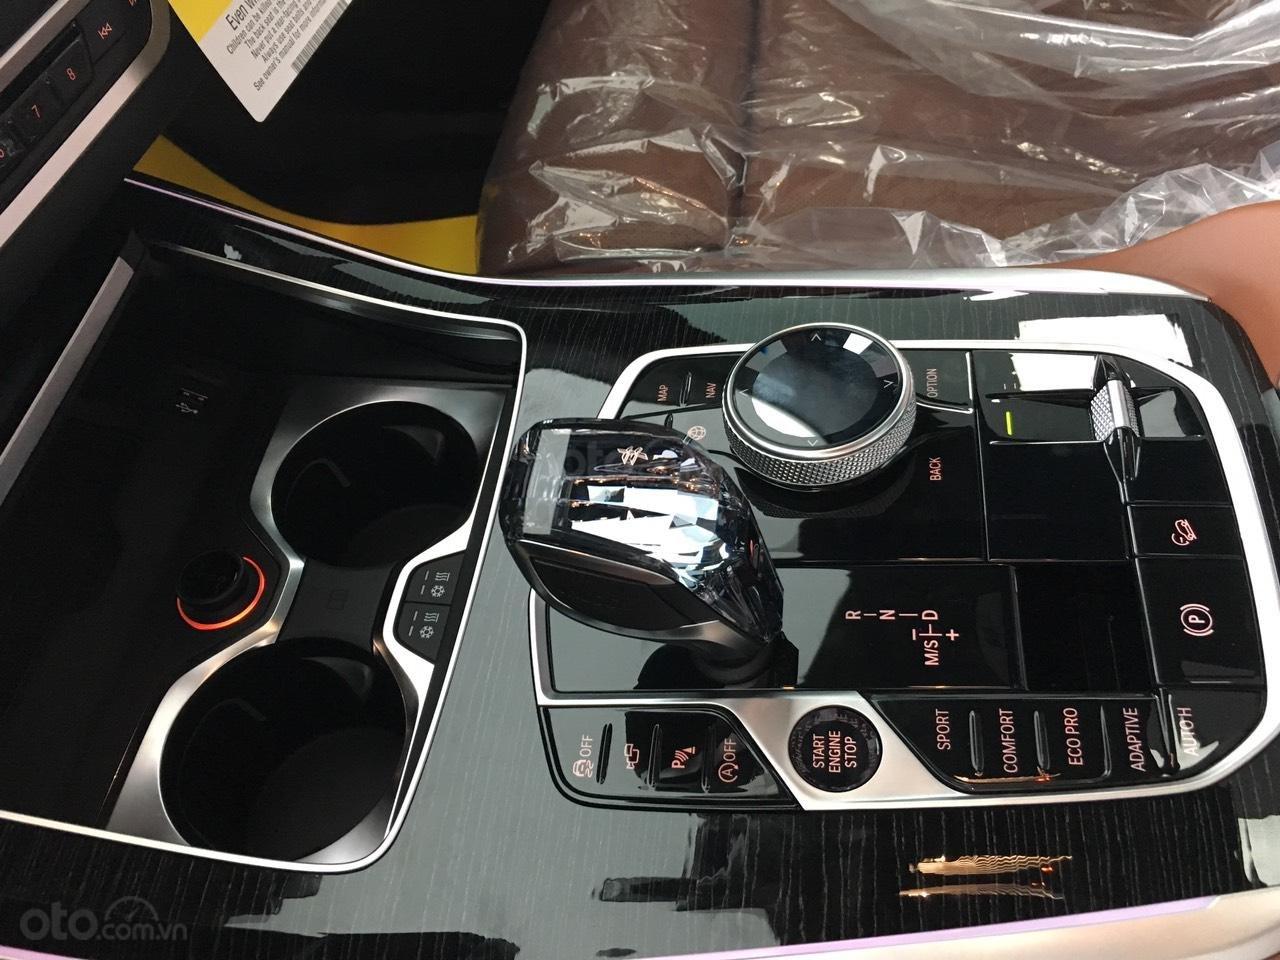 Bán xe BMW X7 xDrive 40i đời 2020, giá tốt, giao ngay toàn quốc - LH 093.996.2368 Ms. Ngọc Vy (11)